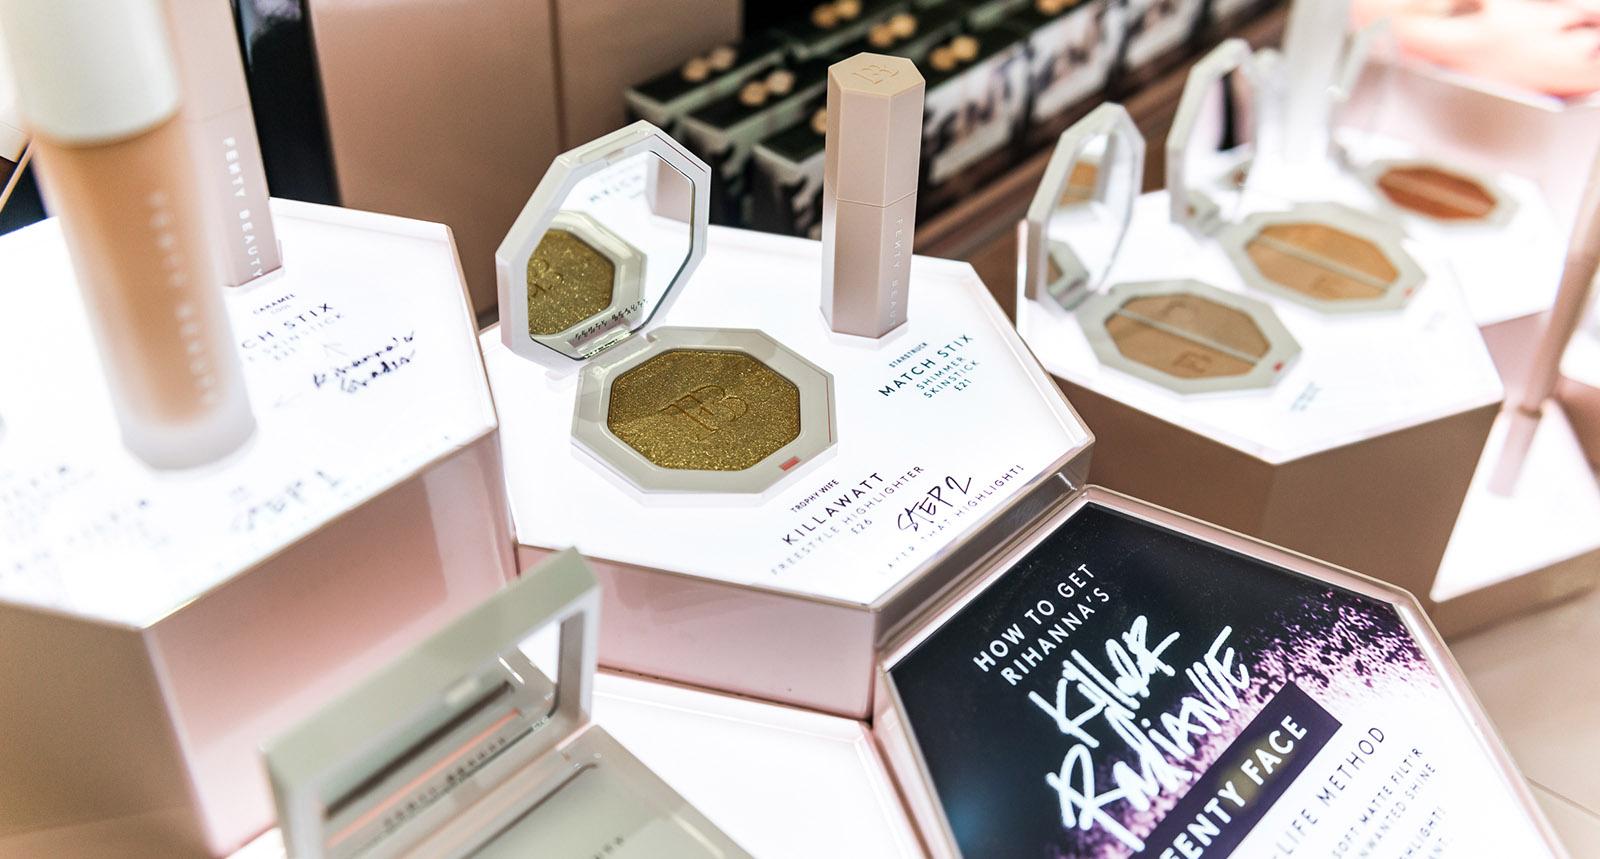 Killawatt & Match Stix makeup